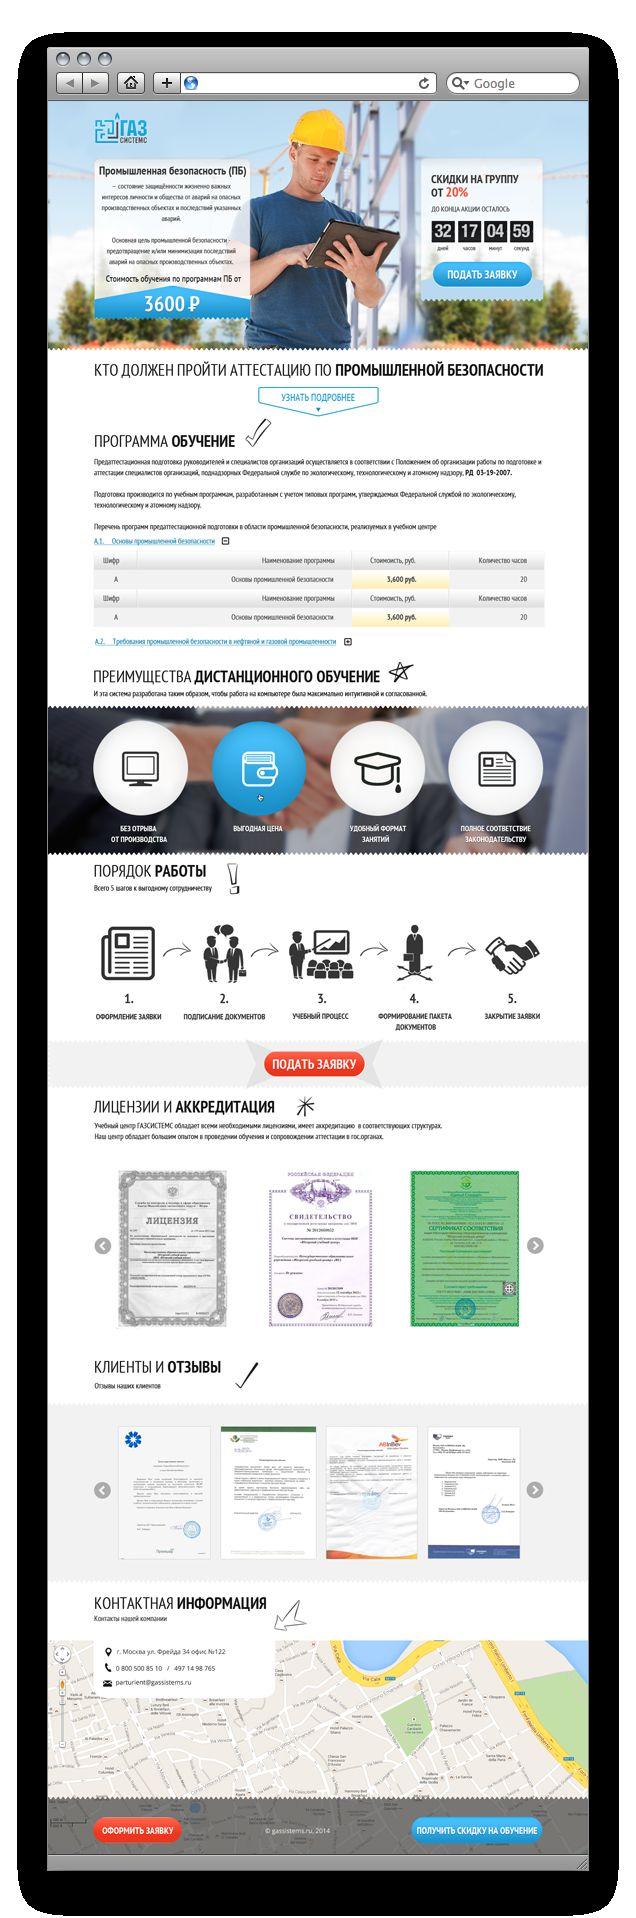 Дизайн одностраничника по программе обучения - дизайнер kocherlive